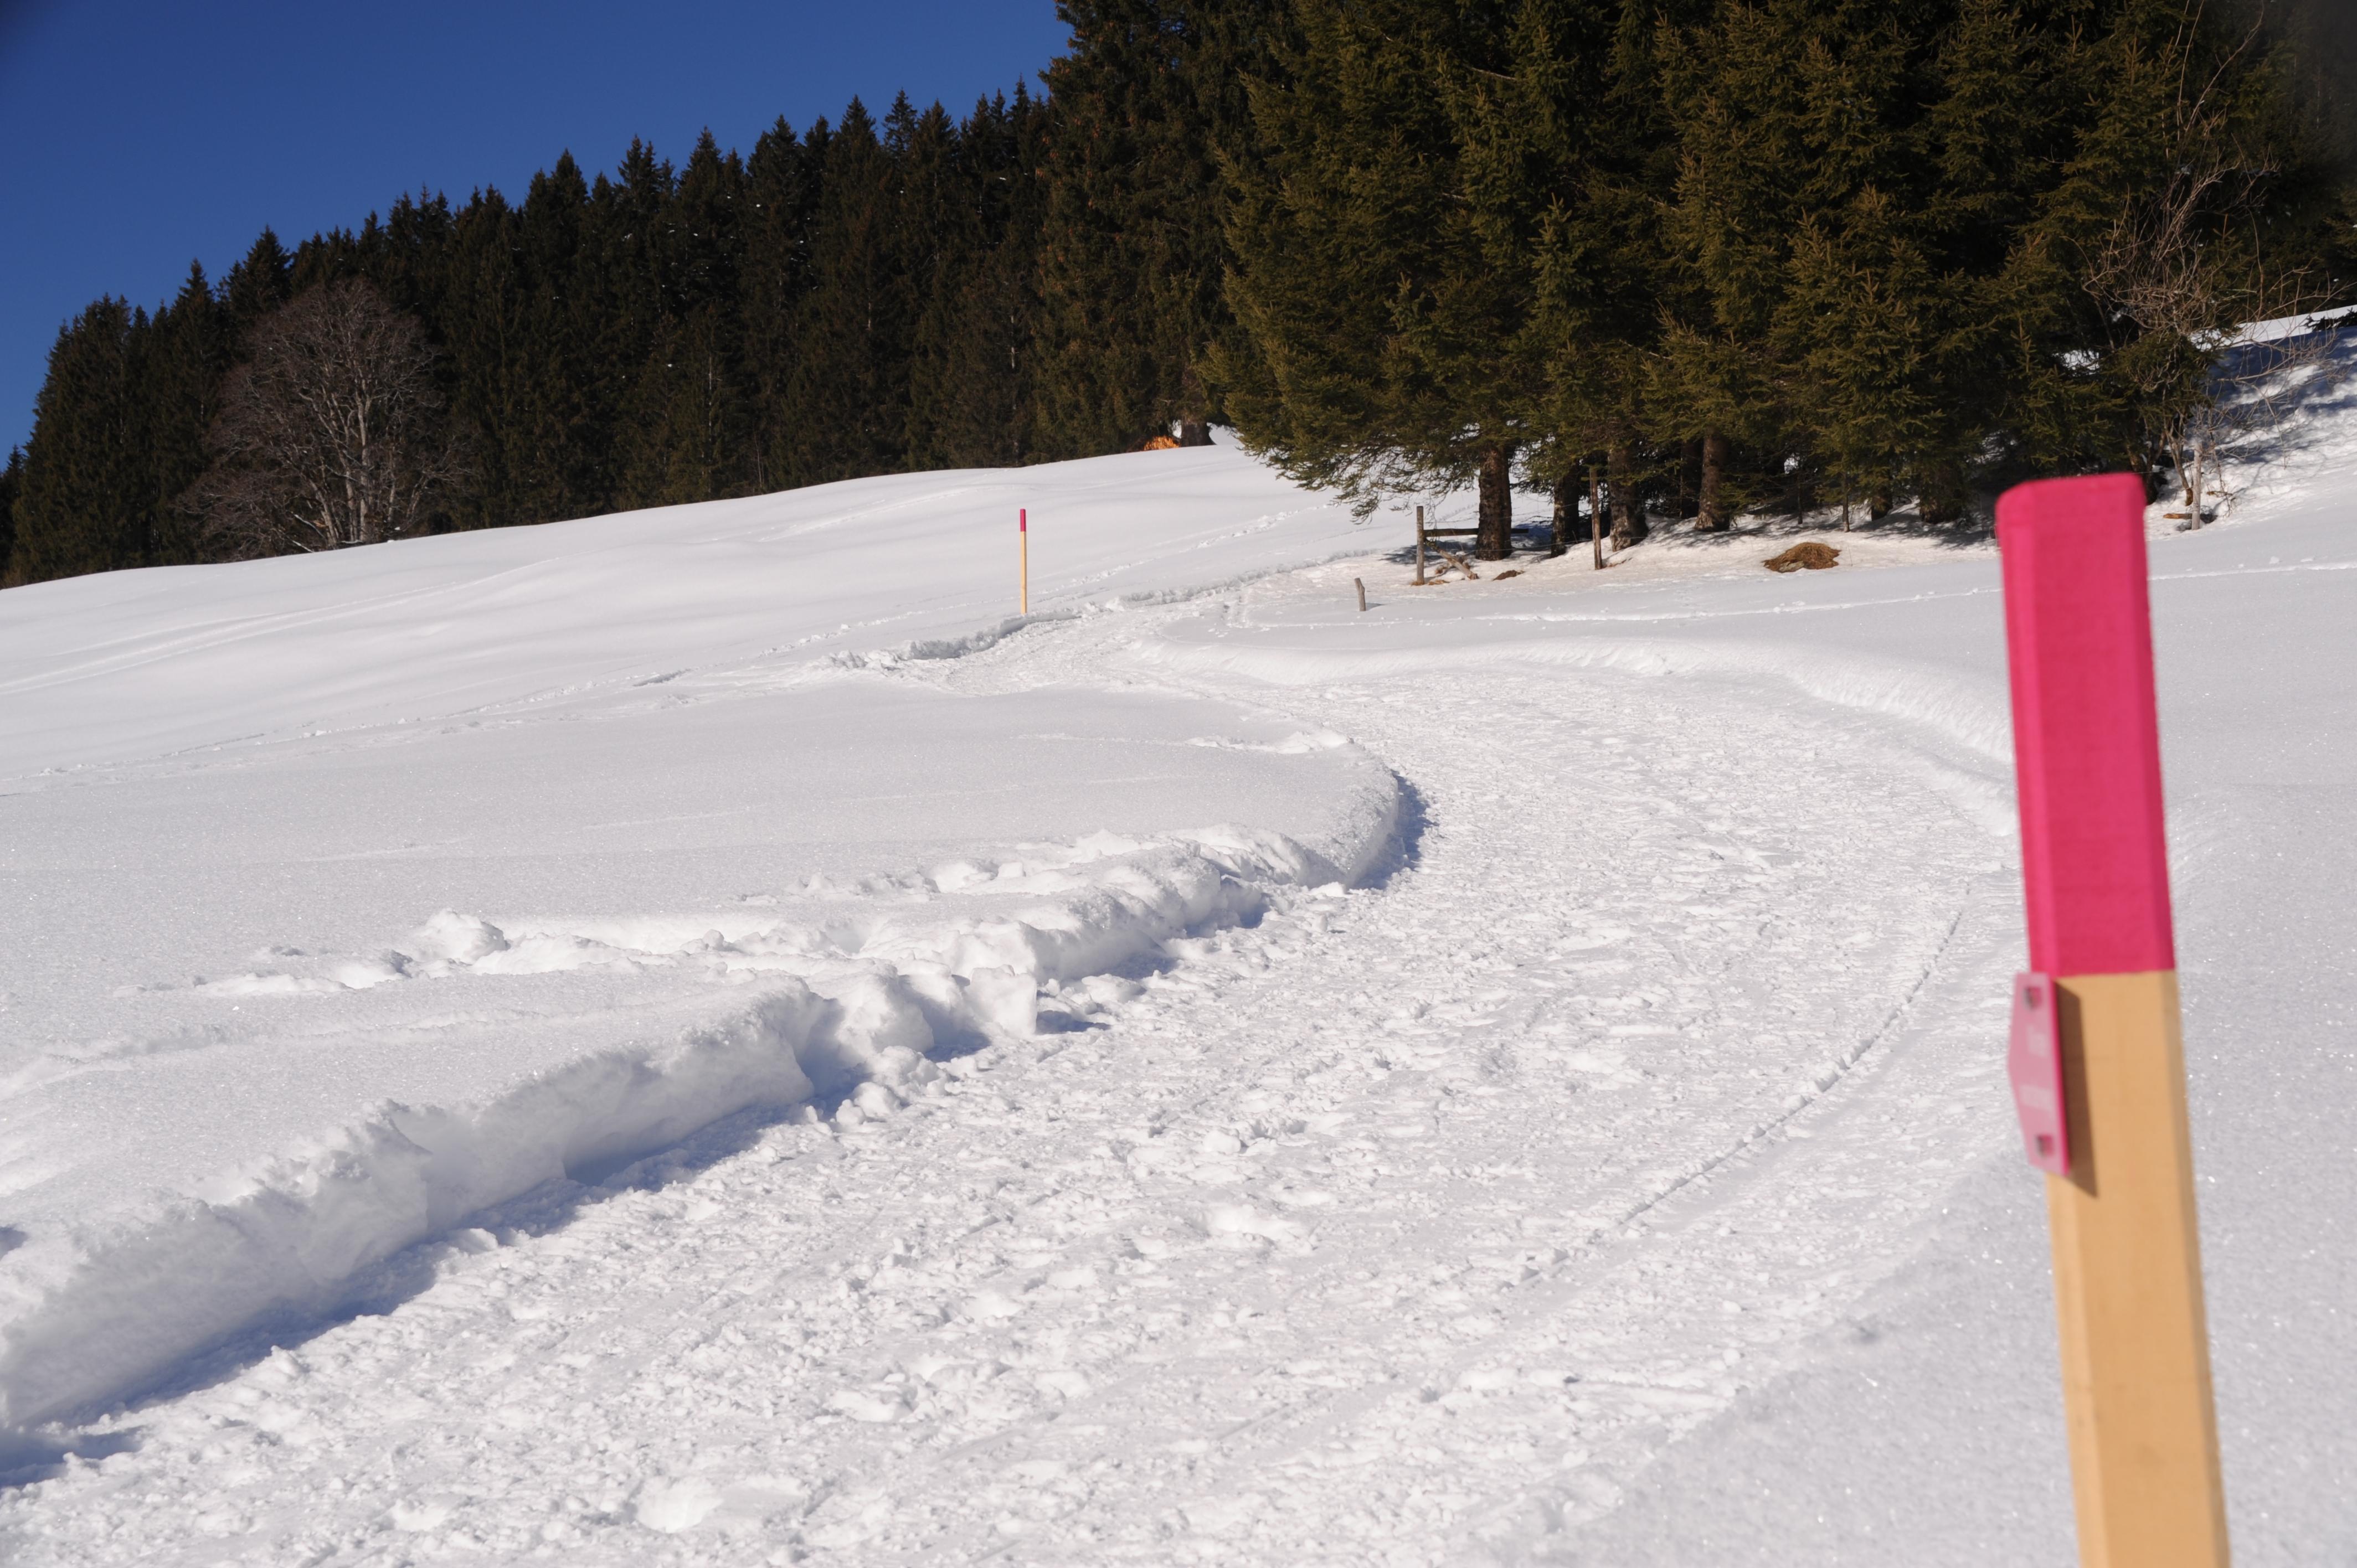 Winterwanderweg_RodelnLuisa_Winterbilder_Tropfen_Bäume_0081.JPG